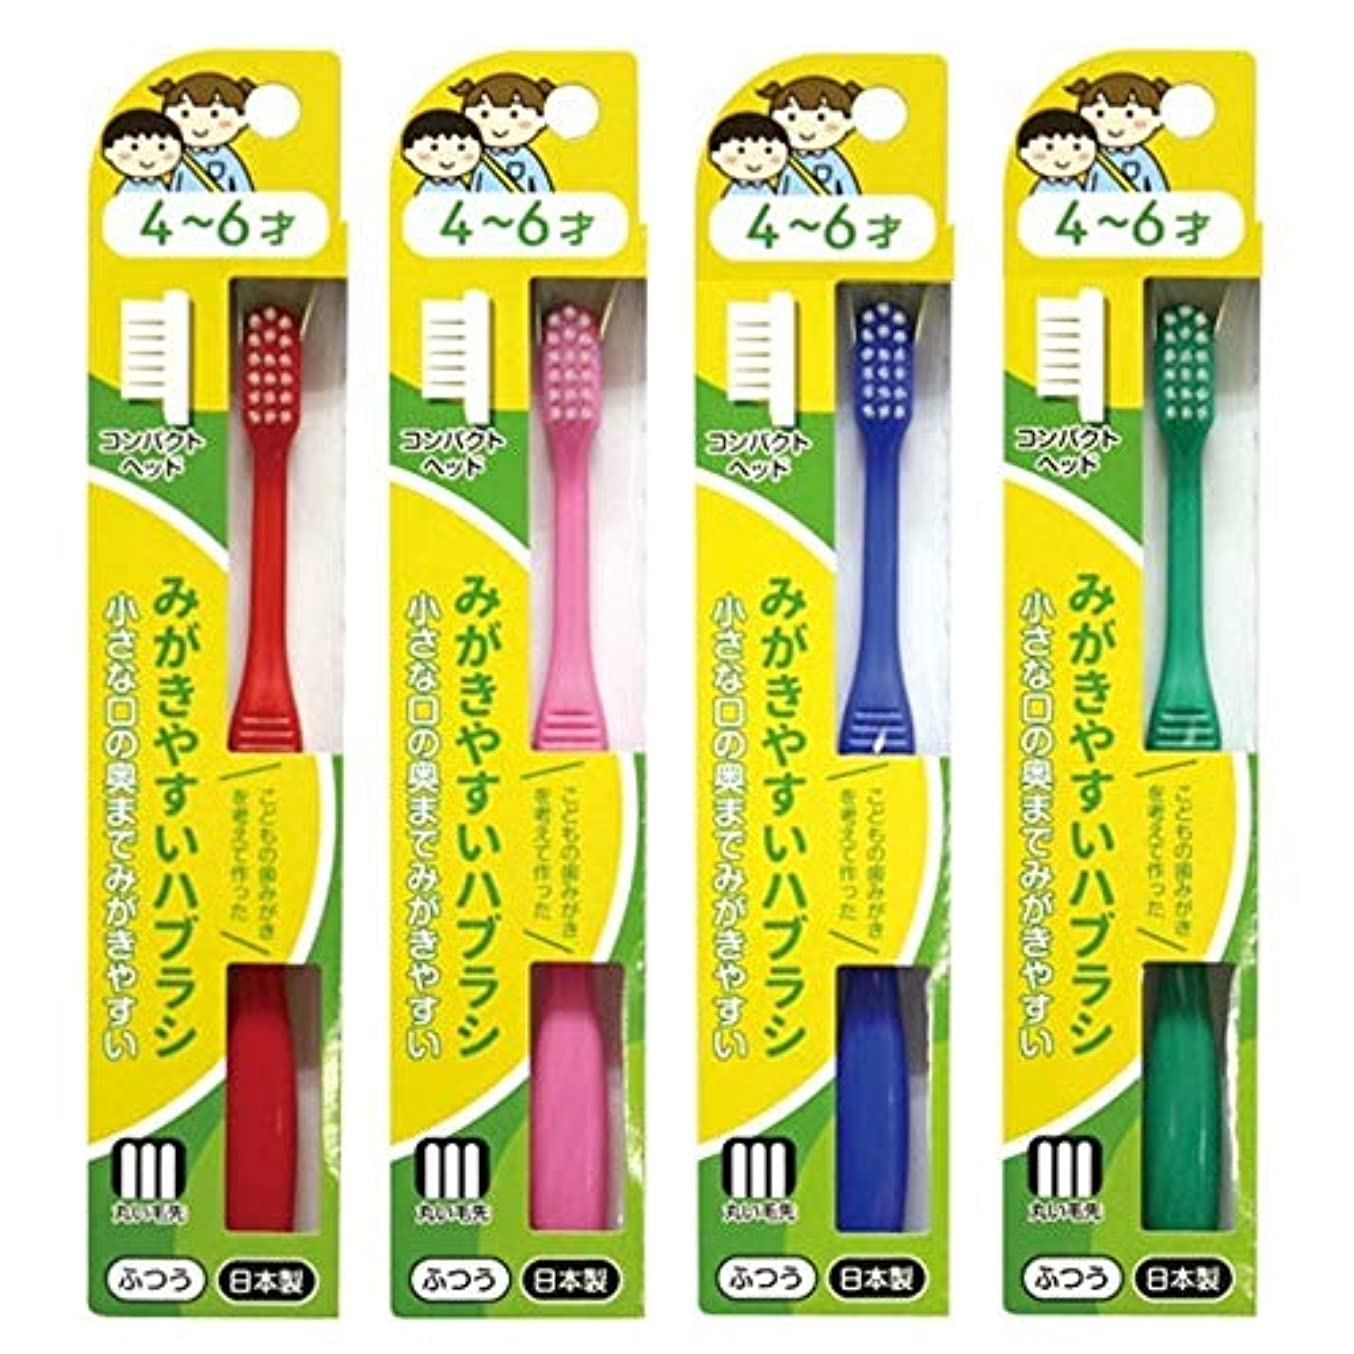 詩投資する掃くみがきやすいハブラシ 4~6才用 LT-38×12本セット(レッド×3、ピンク×3、ブルー×3、グリーン×3)